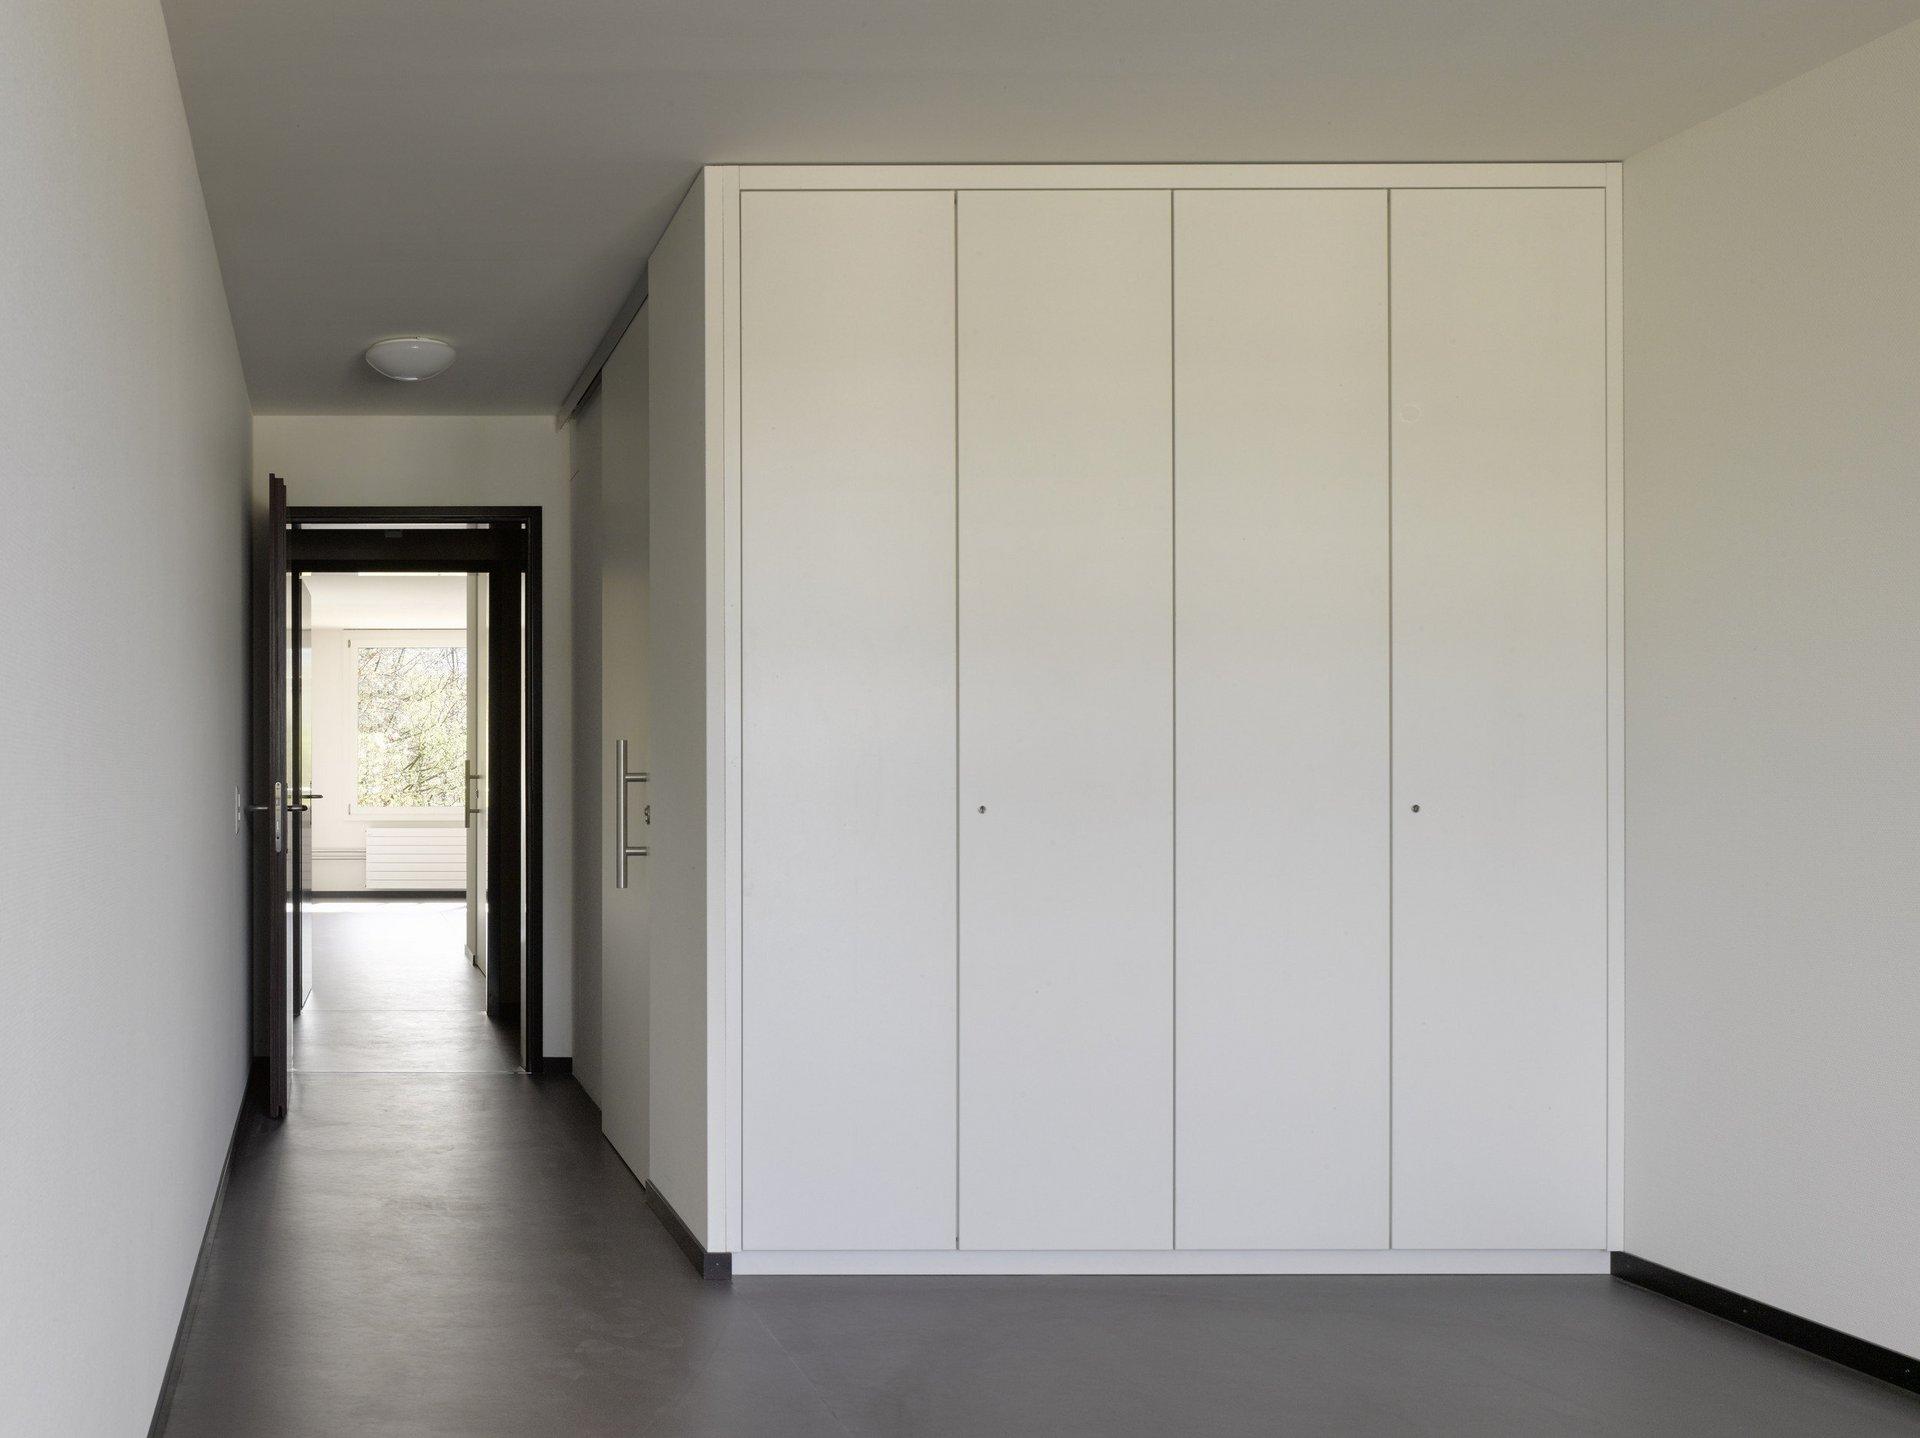 Raum in hellem modernen und schlichten Design